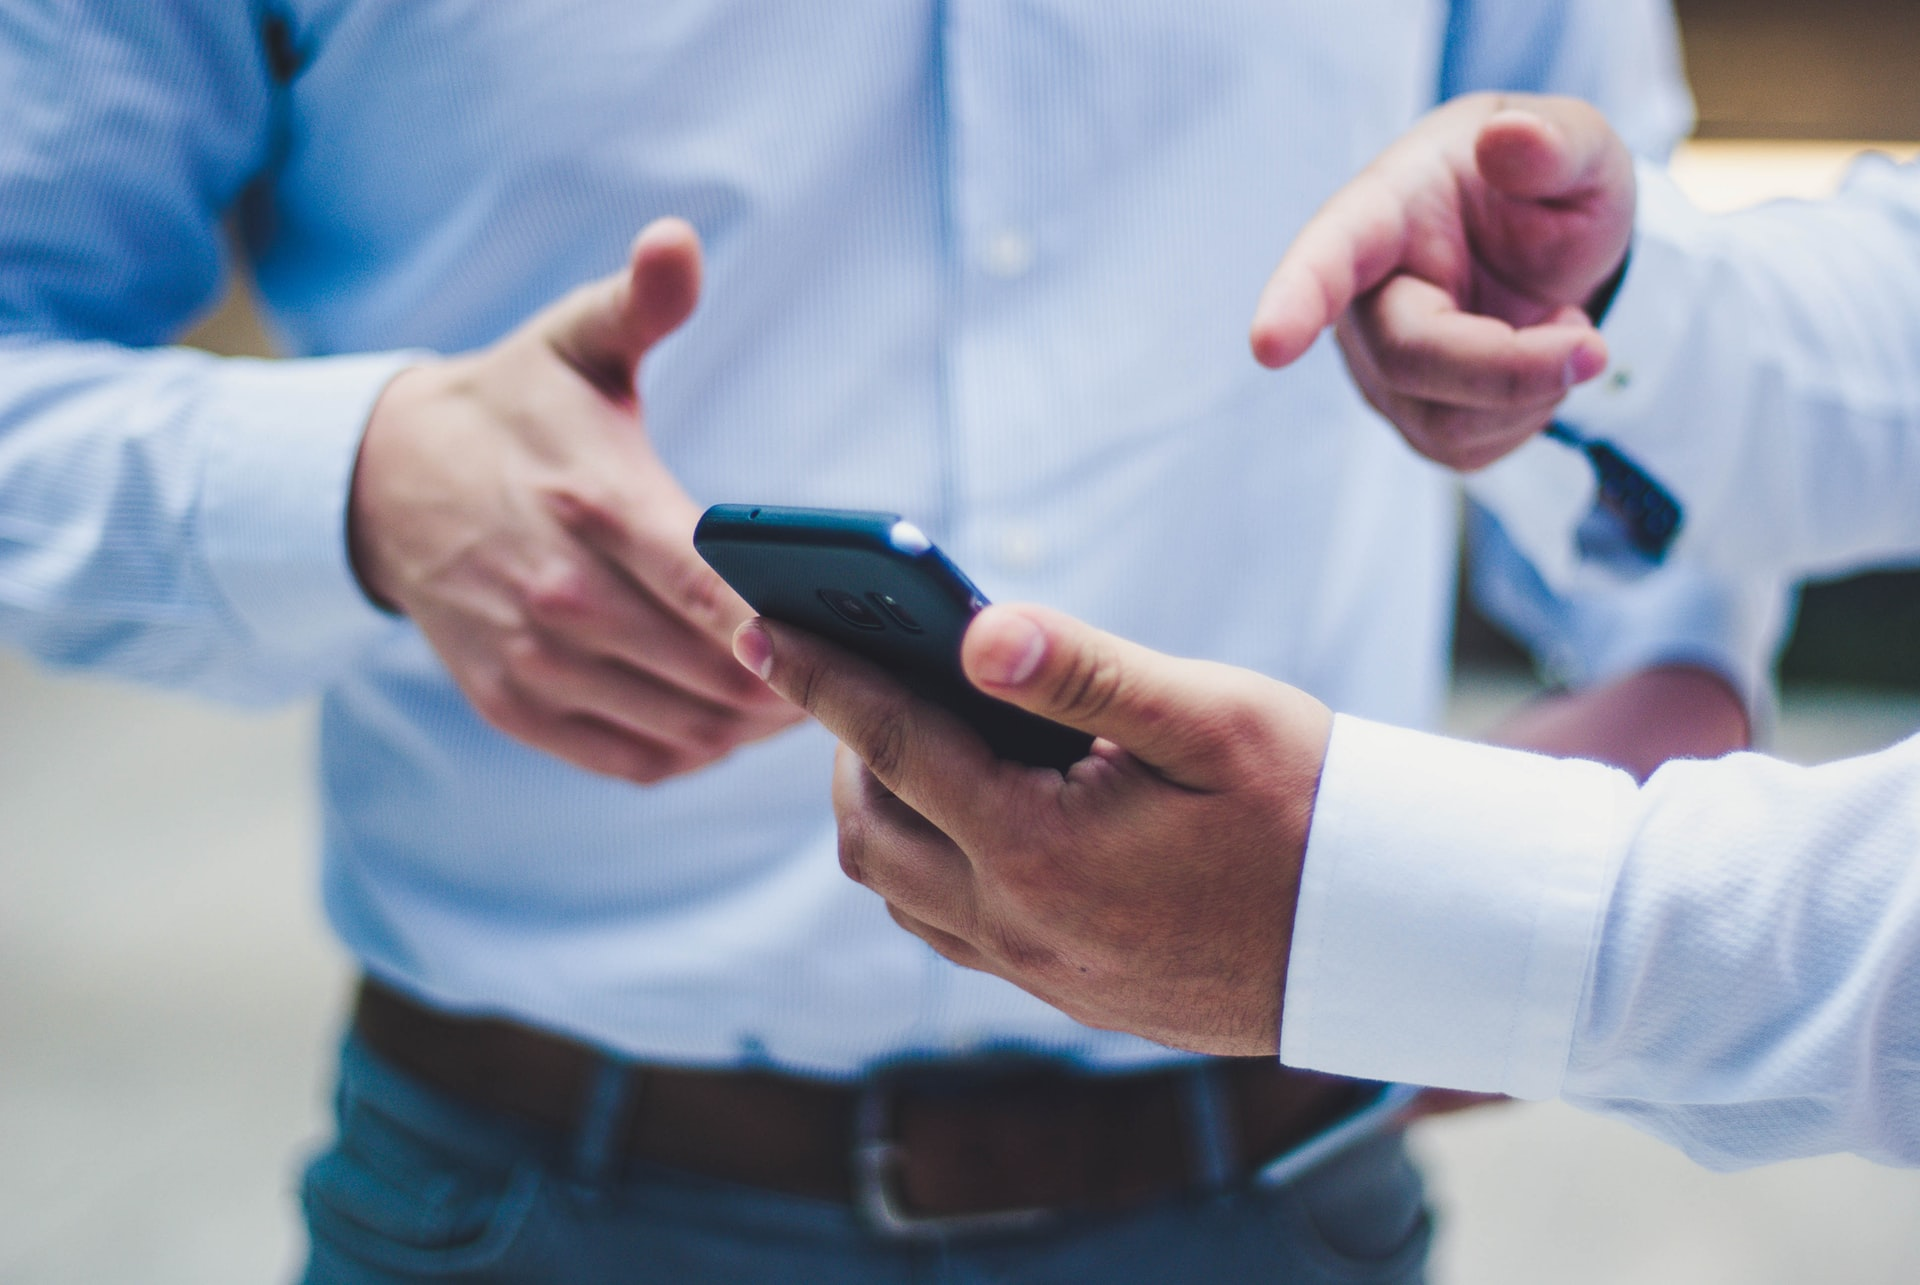 5-trik-beli-smartphone-bekas-agar-tidak-tertipu